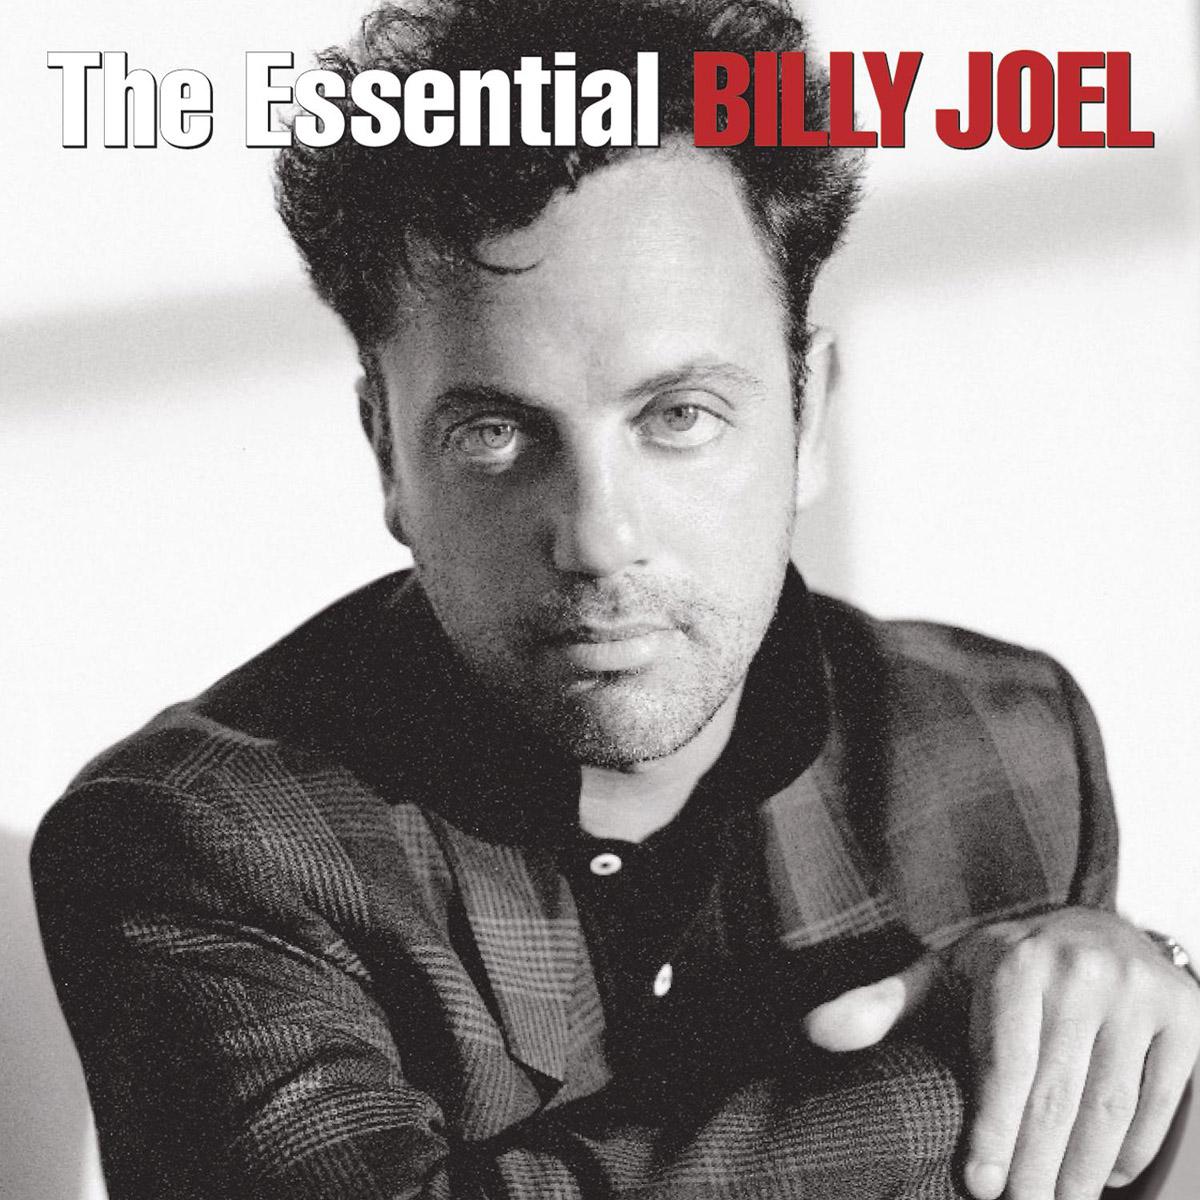 Billy Joel - The Essential Billy Joel